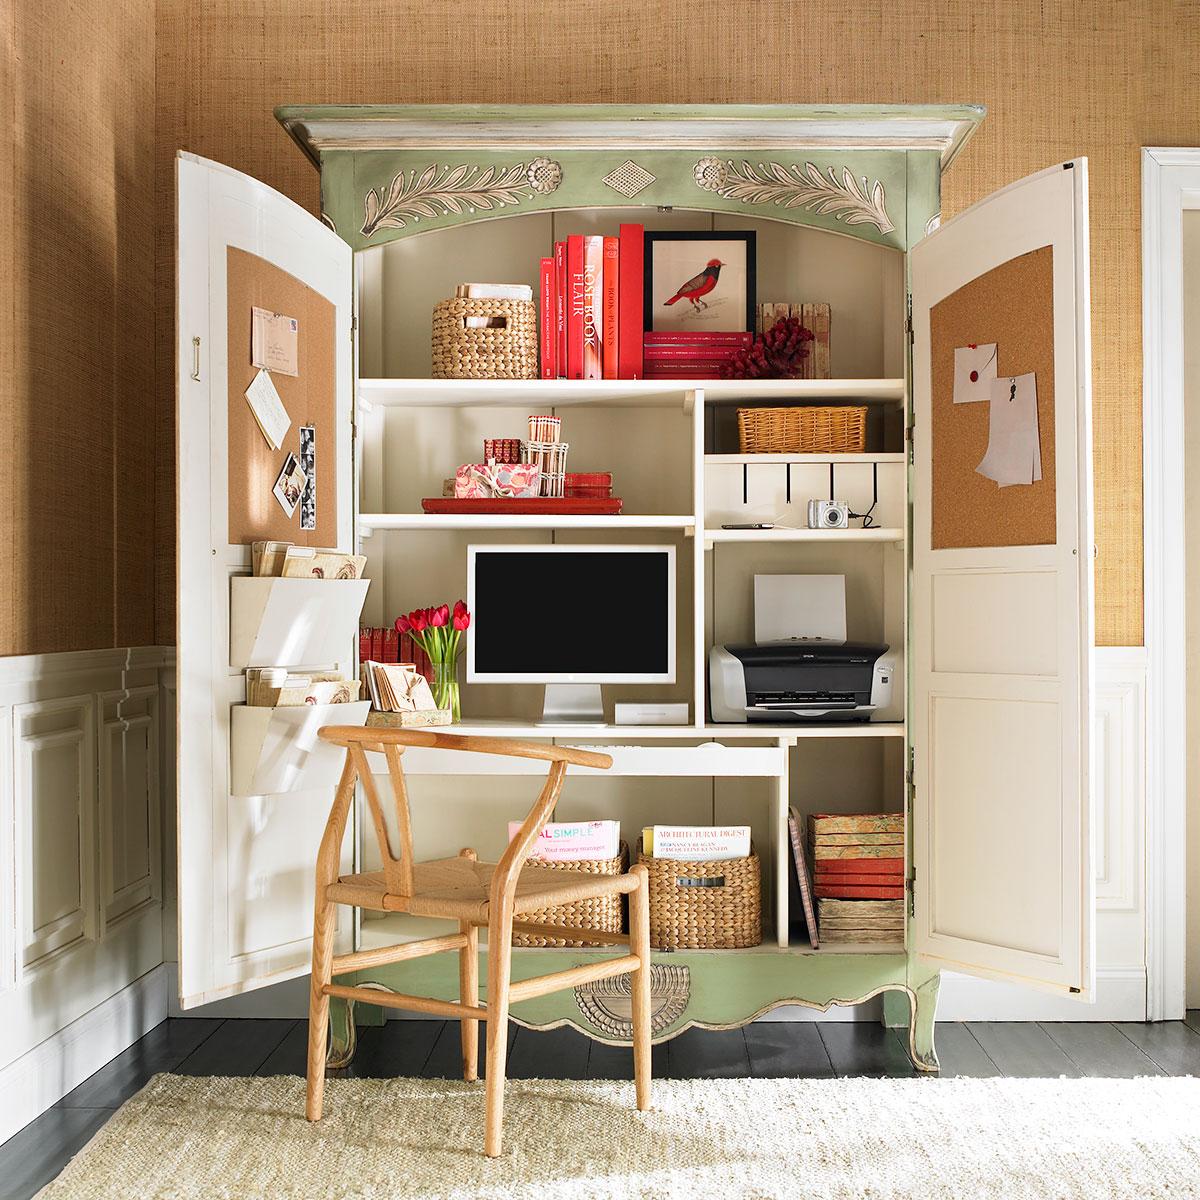 Шкаф в кабинет со спальным местом